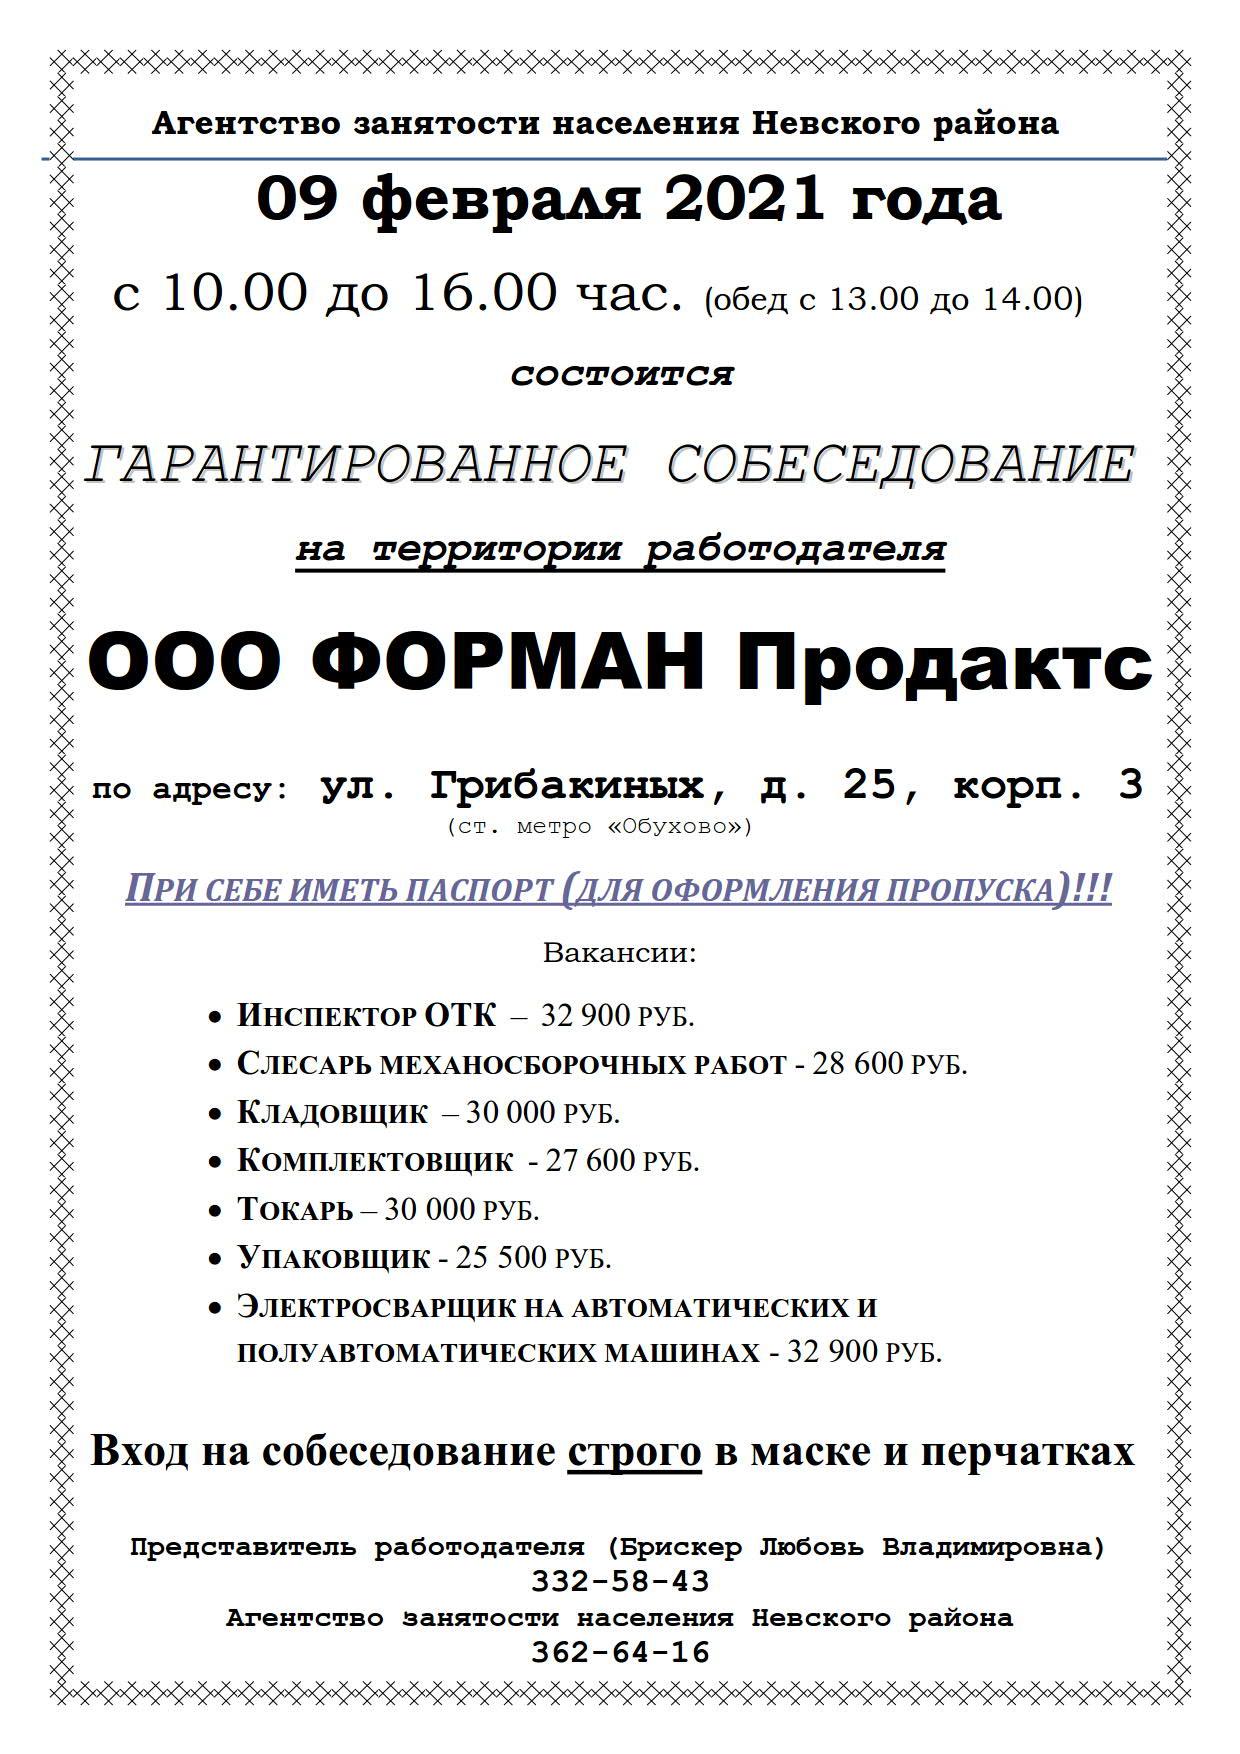 Объявление ГС, 09.02.2021_1